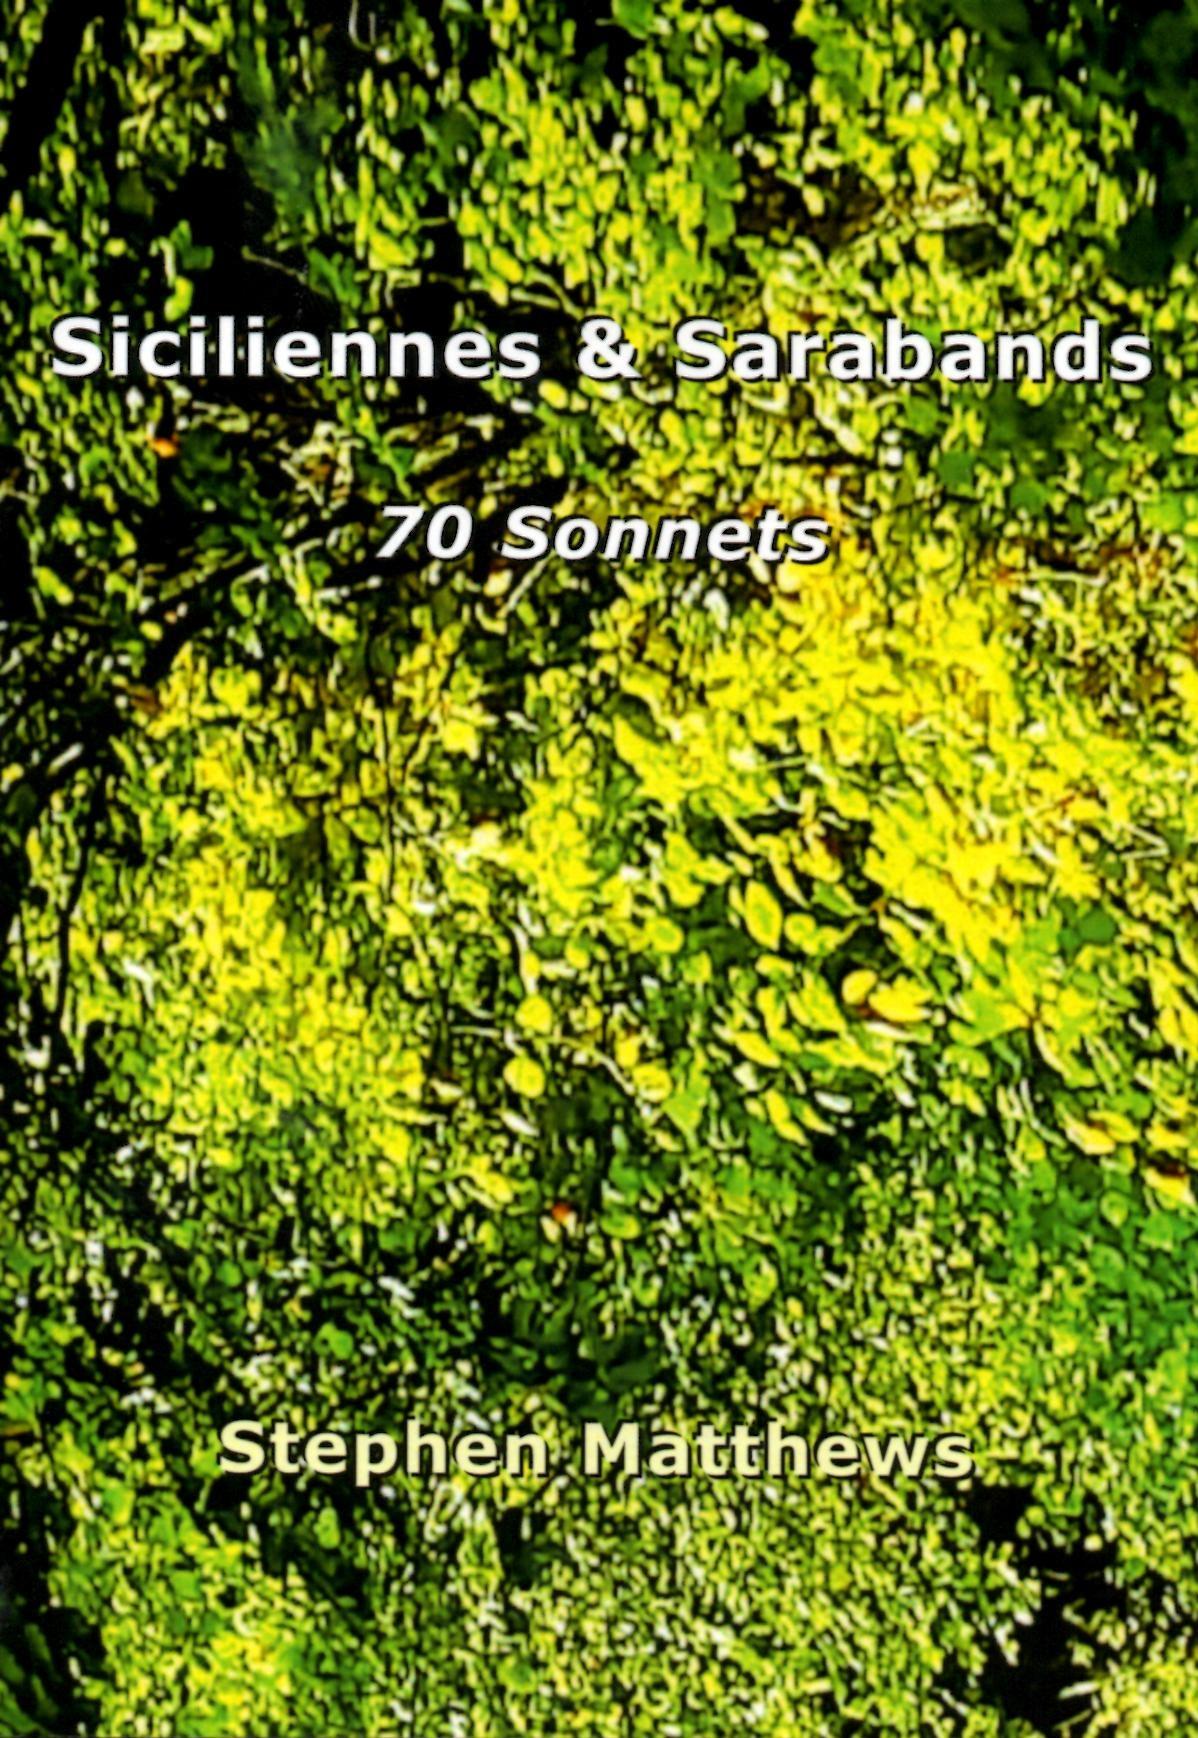 Siciliennes & Sarabands: 70 Sonnets